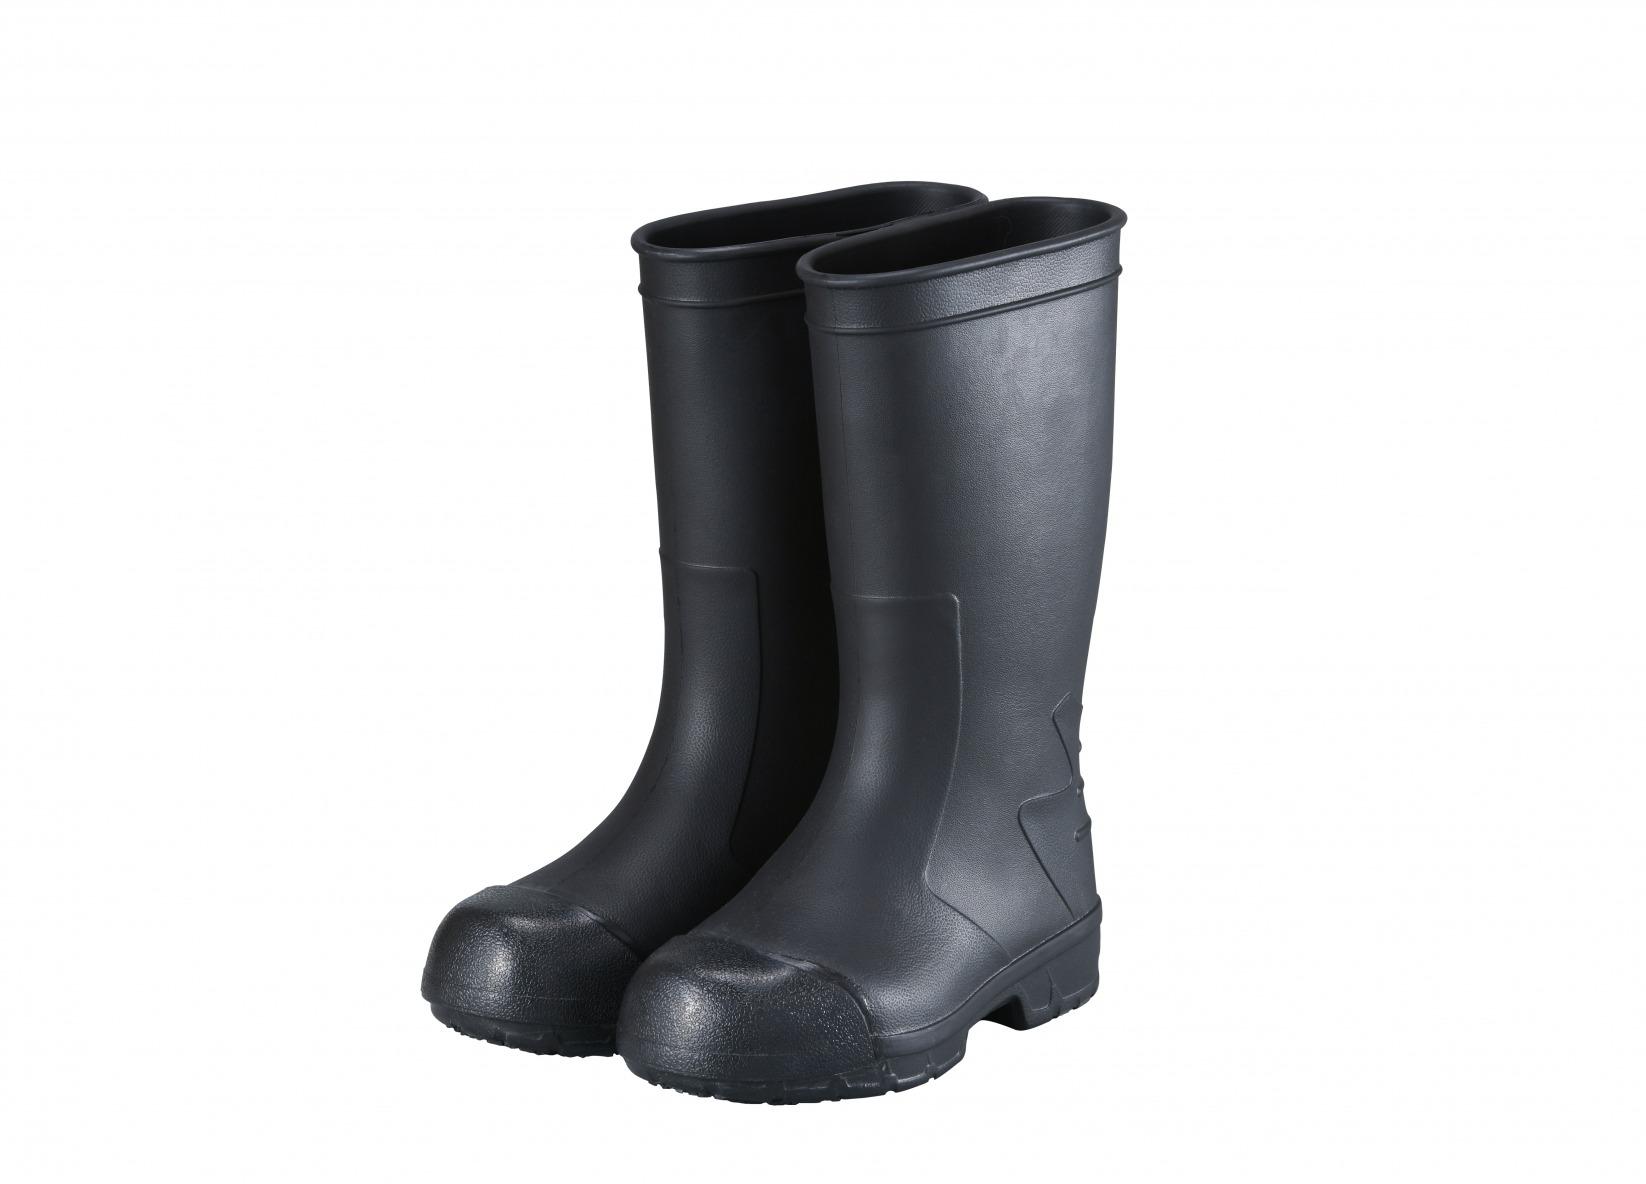 STICO WBM-12 安全長靴タイプ ブラック/ホワイト